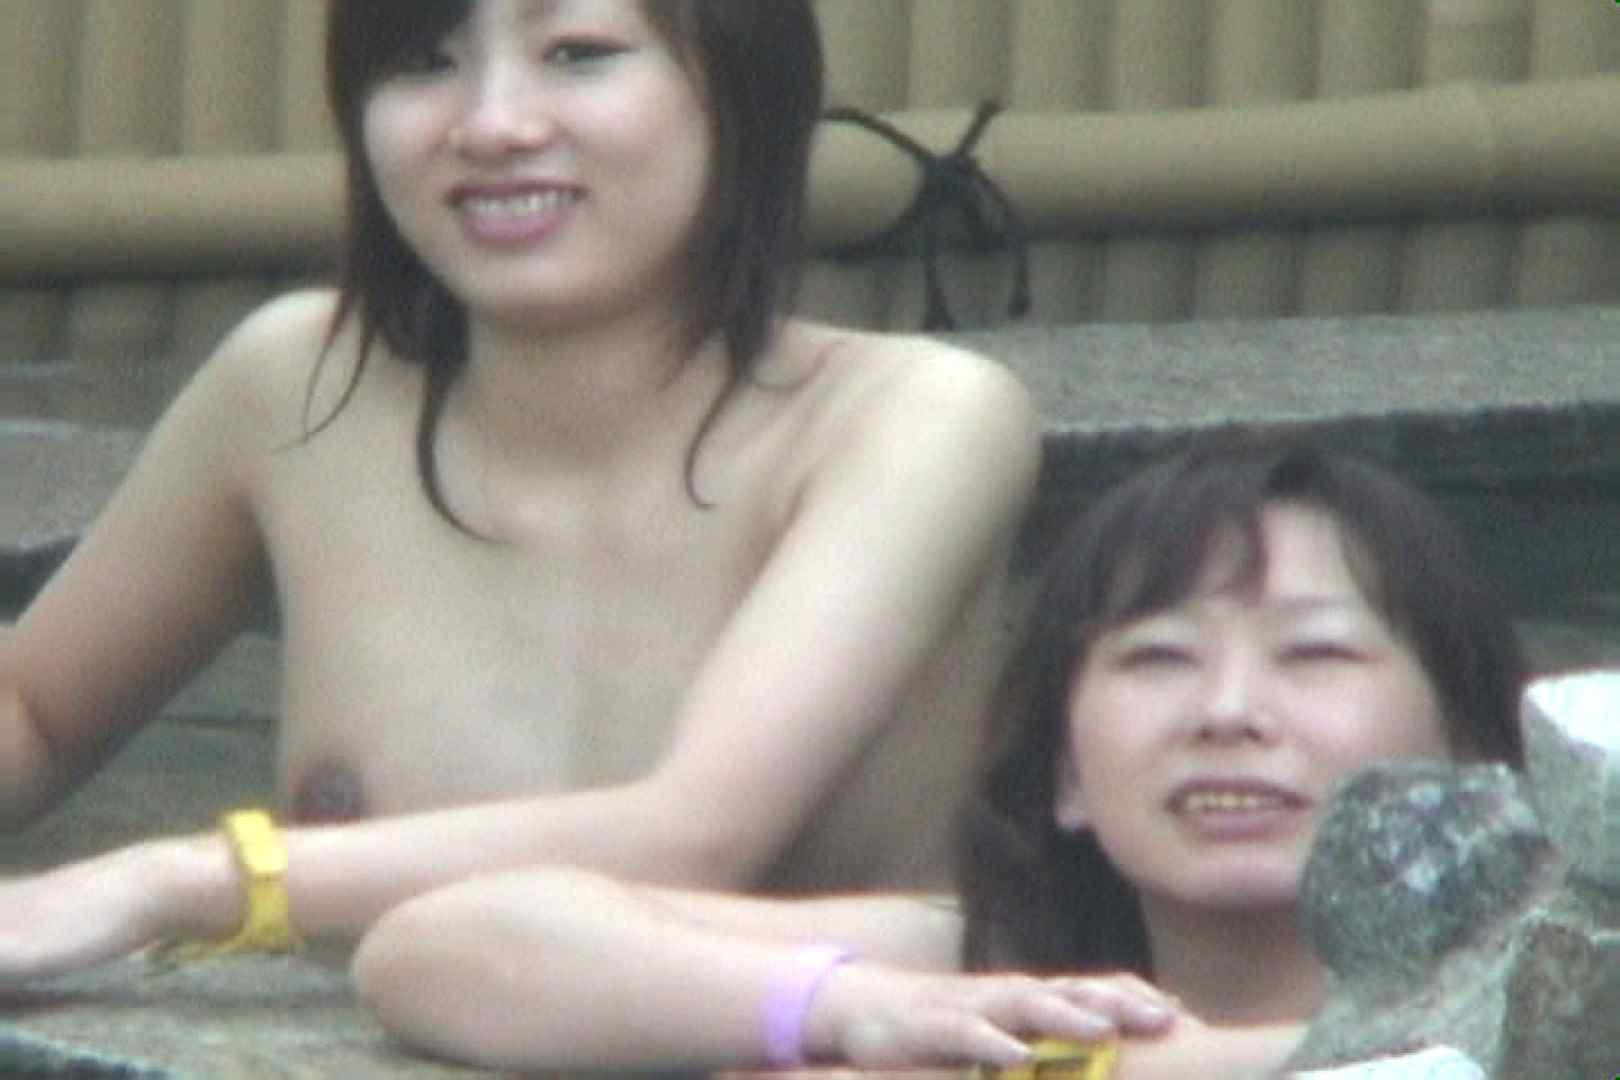 Aquaな露天風呂Vol.58【VIP限定】 美しいOLの裸体  97pic 81